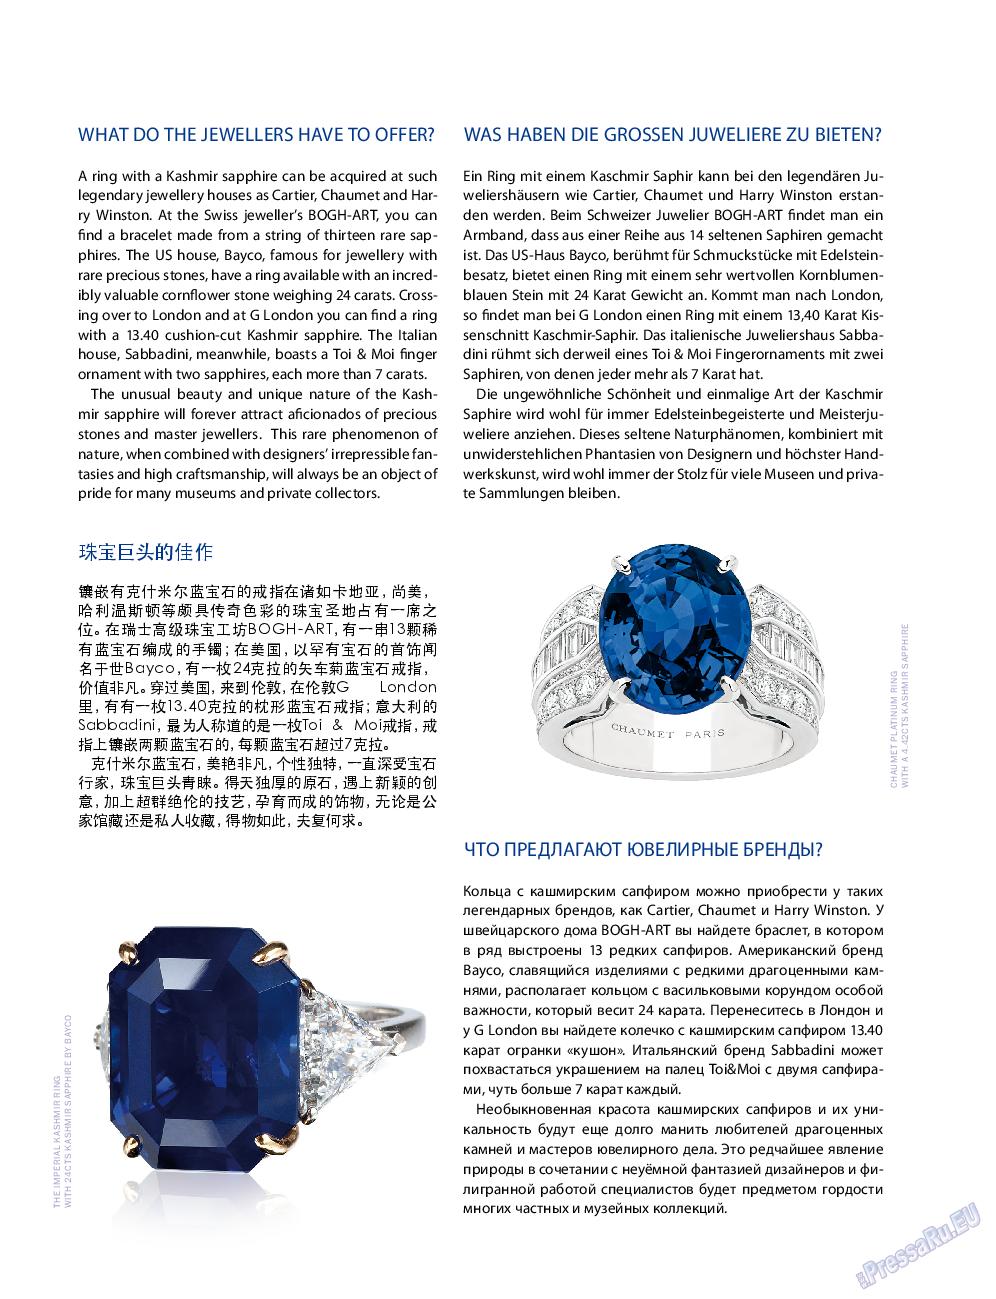 Клан (журнал). 2015 год, номер 8, стр. 134